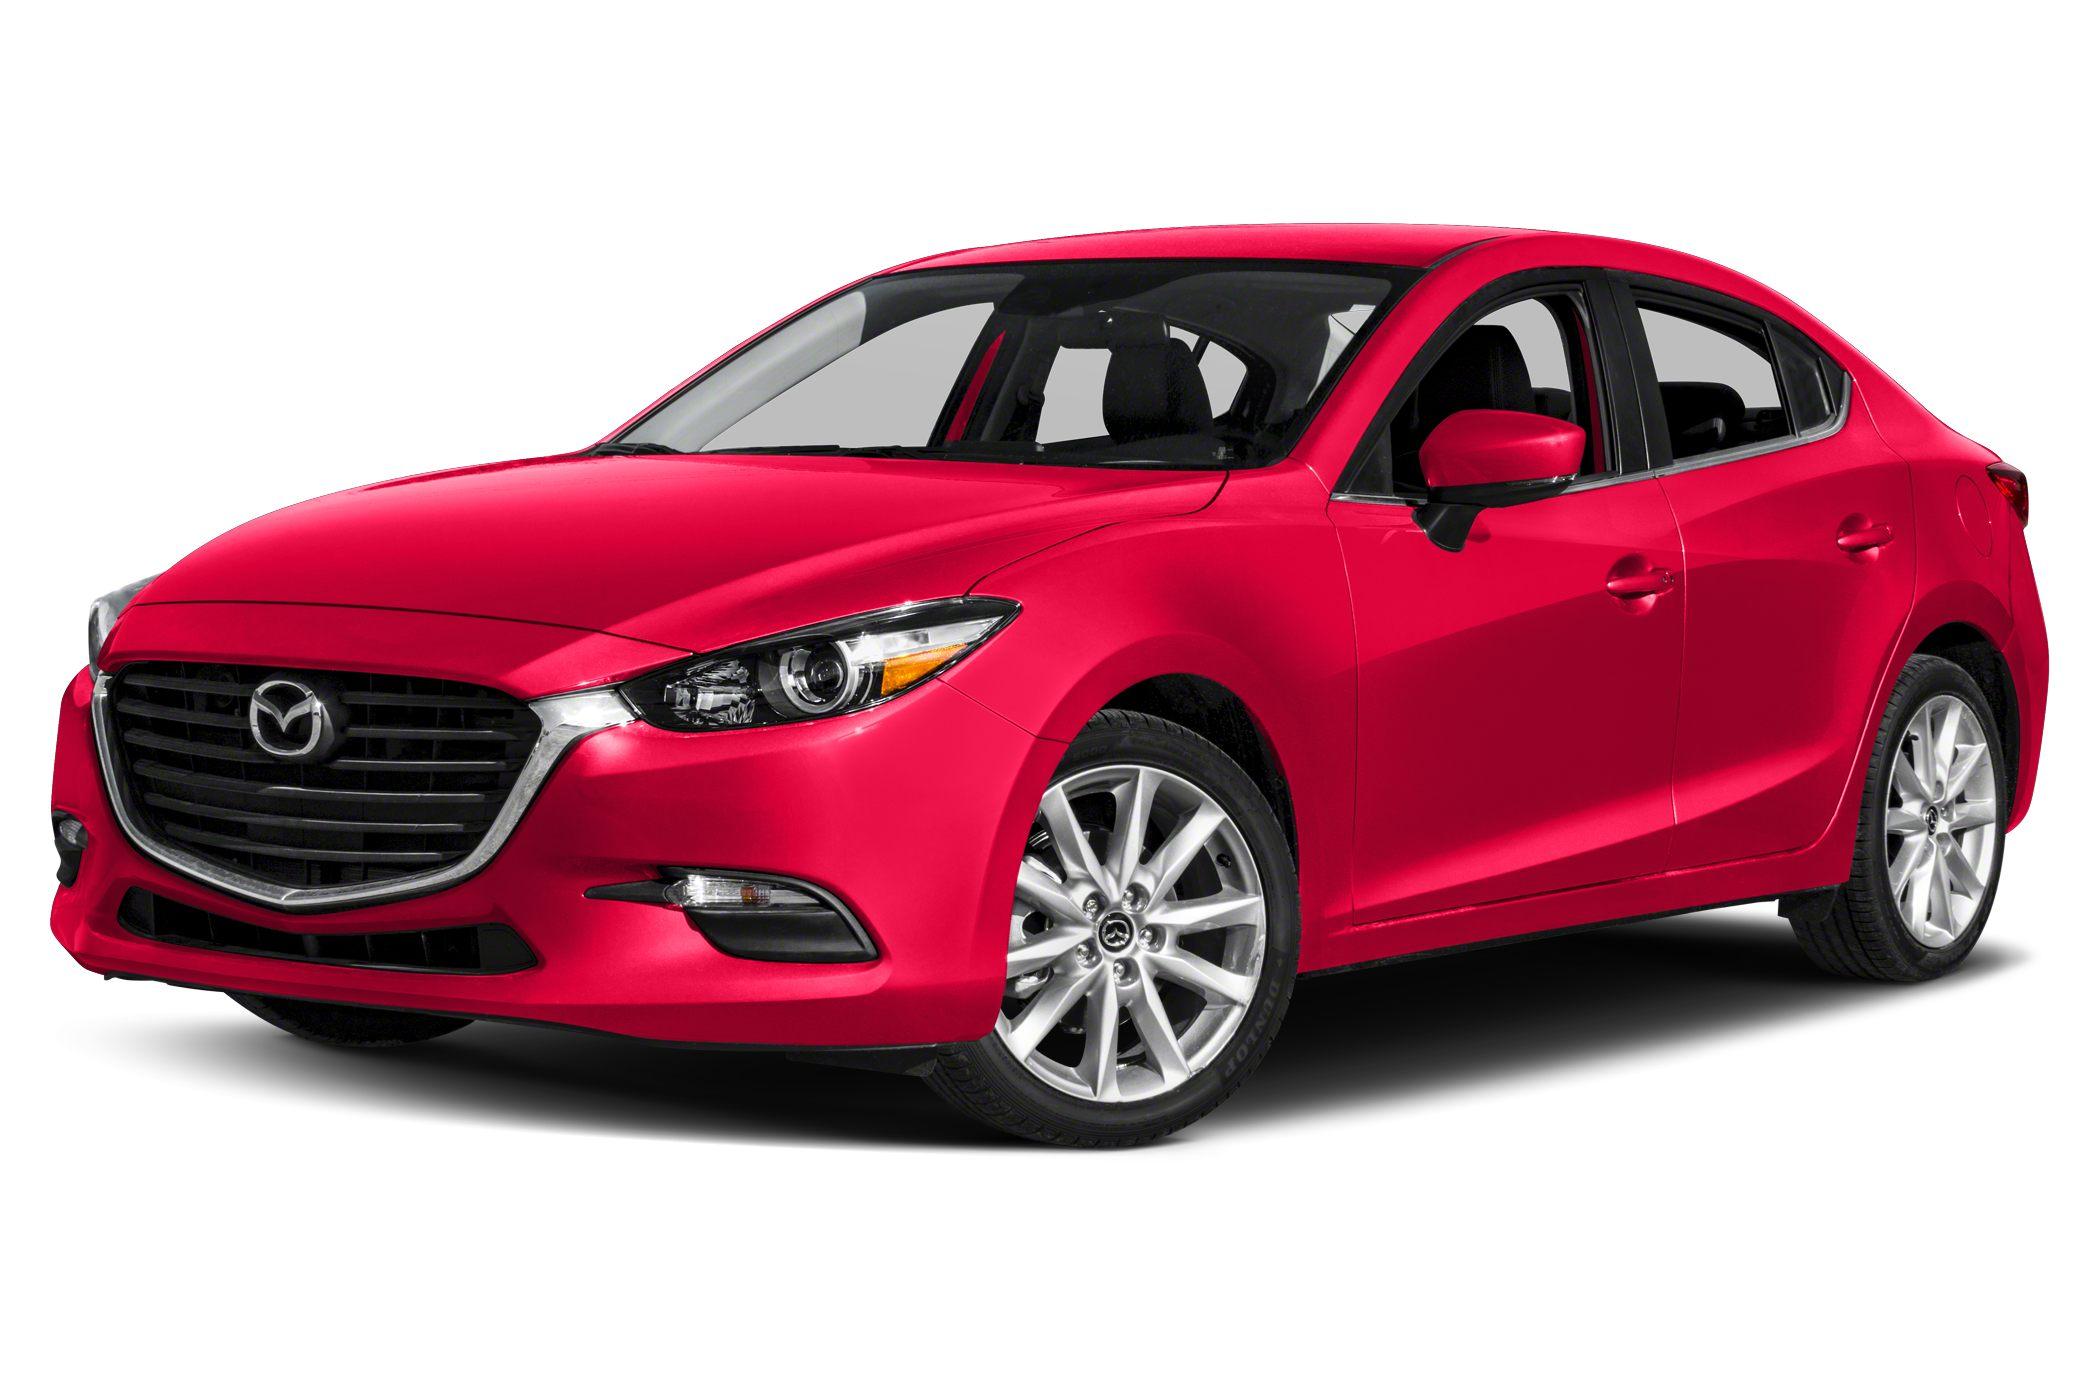 Kekurangan Mazda 3 Sedan 2017 Spesifikasi